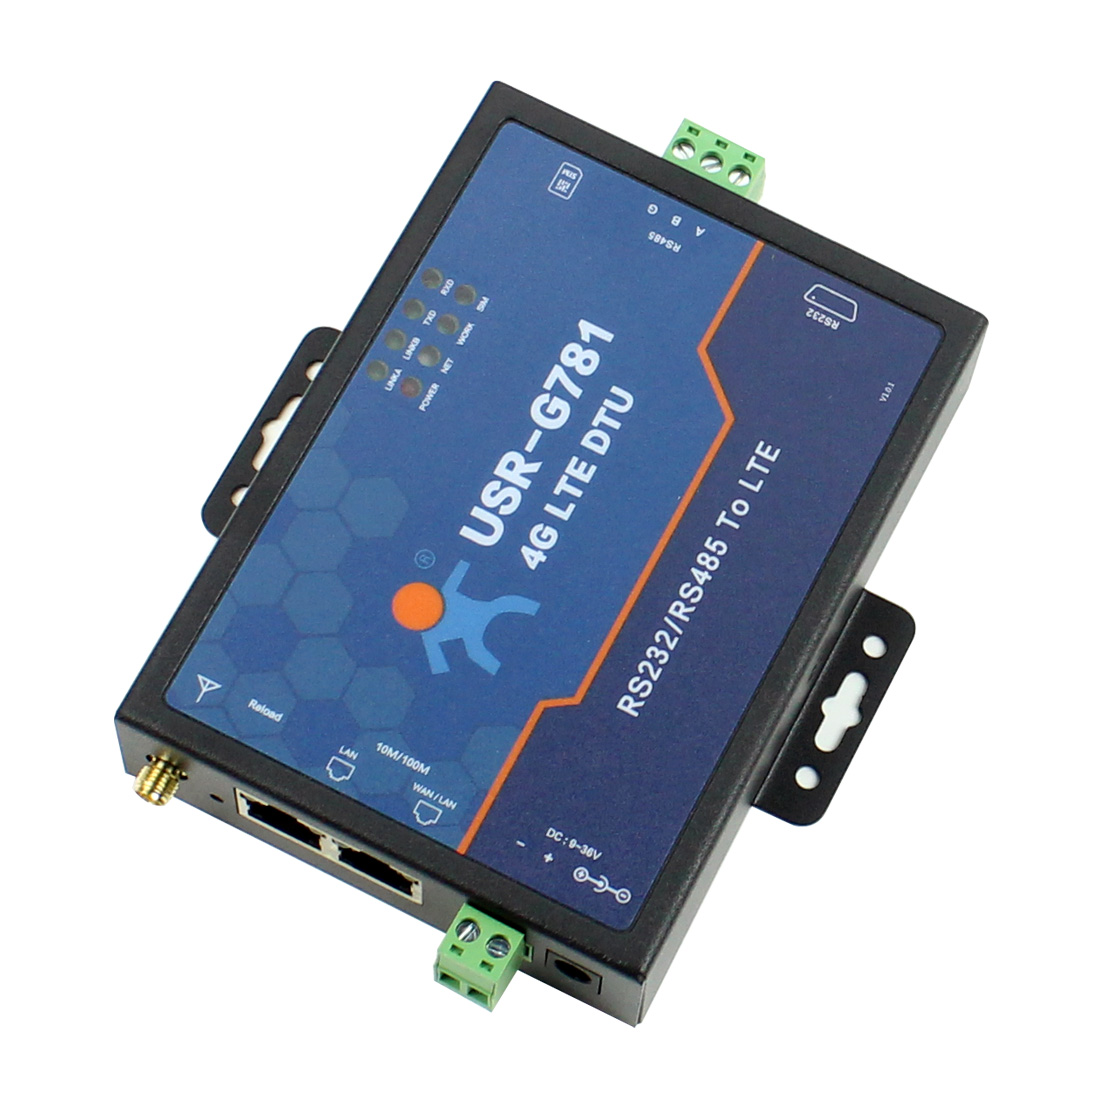 USR-G781 Industrial Transparent Data Transmission RS232/RS485 Serial To 4G LTE Modem With Ethernet Port